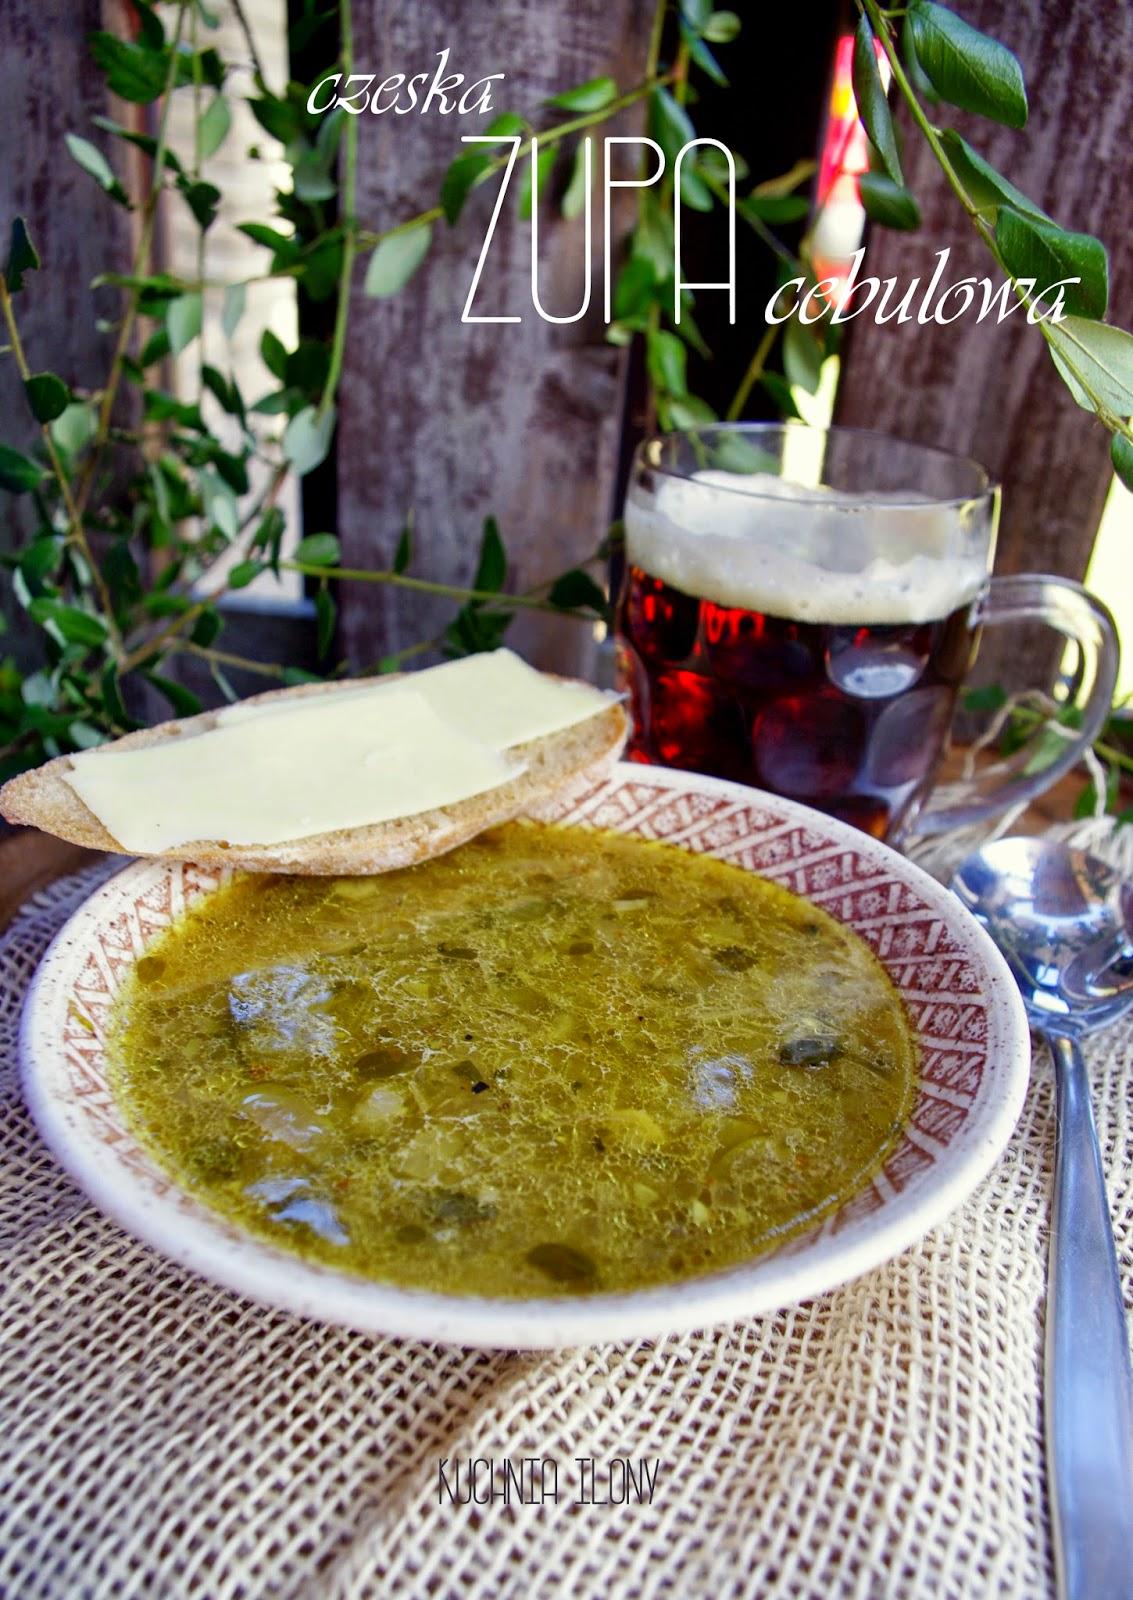 kuchnia czeska, zupa cebulowa, radio plus, kuchnie świata czeska zupa cebulowa